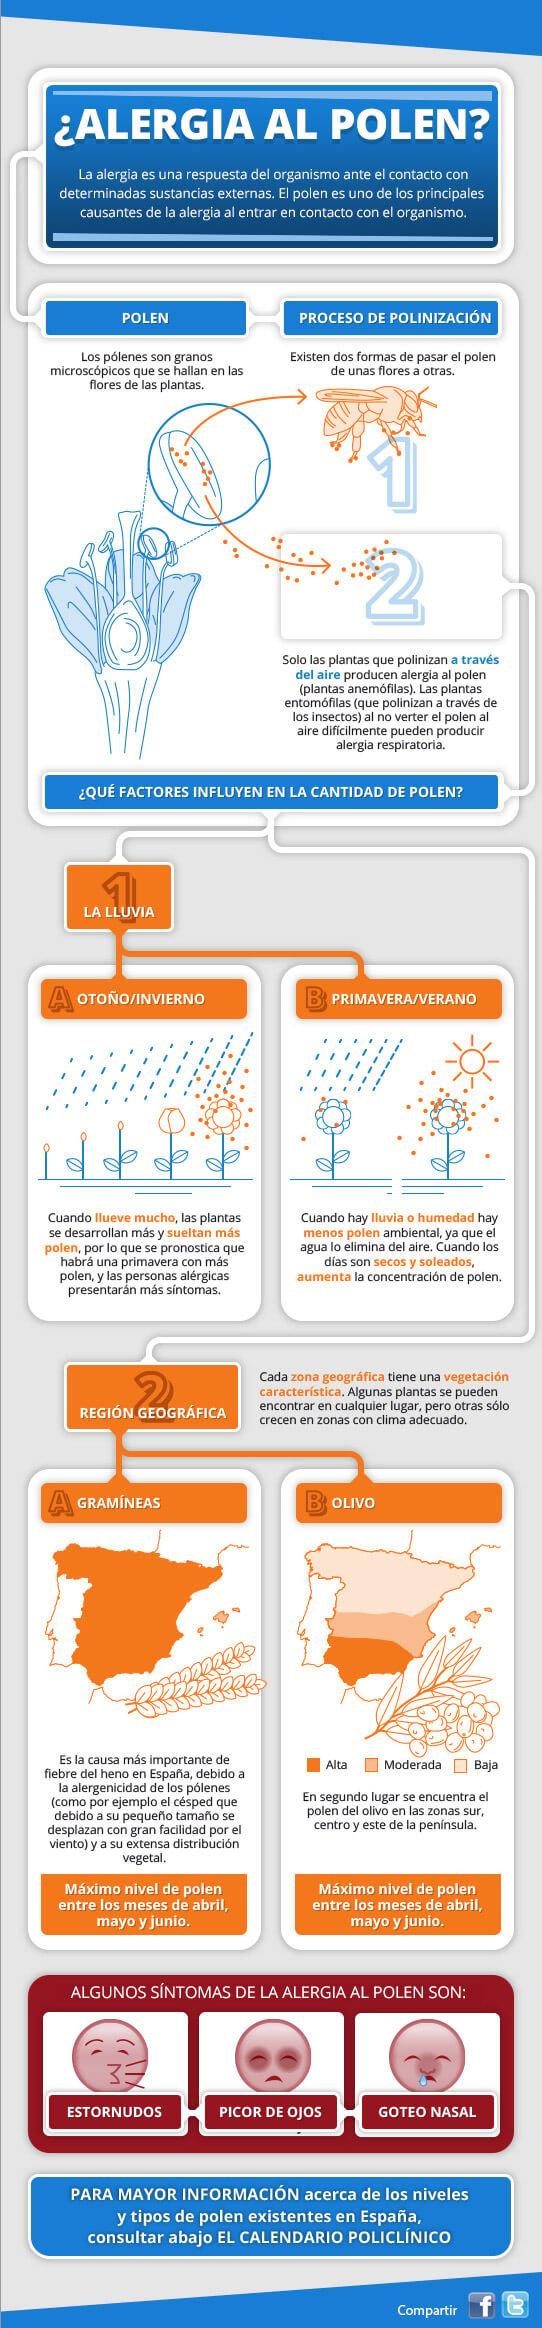 Información alergia al polen